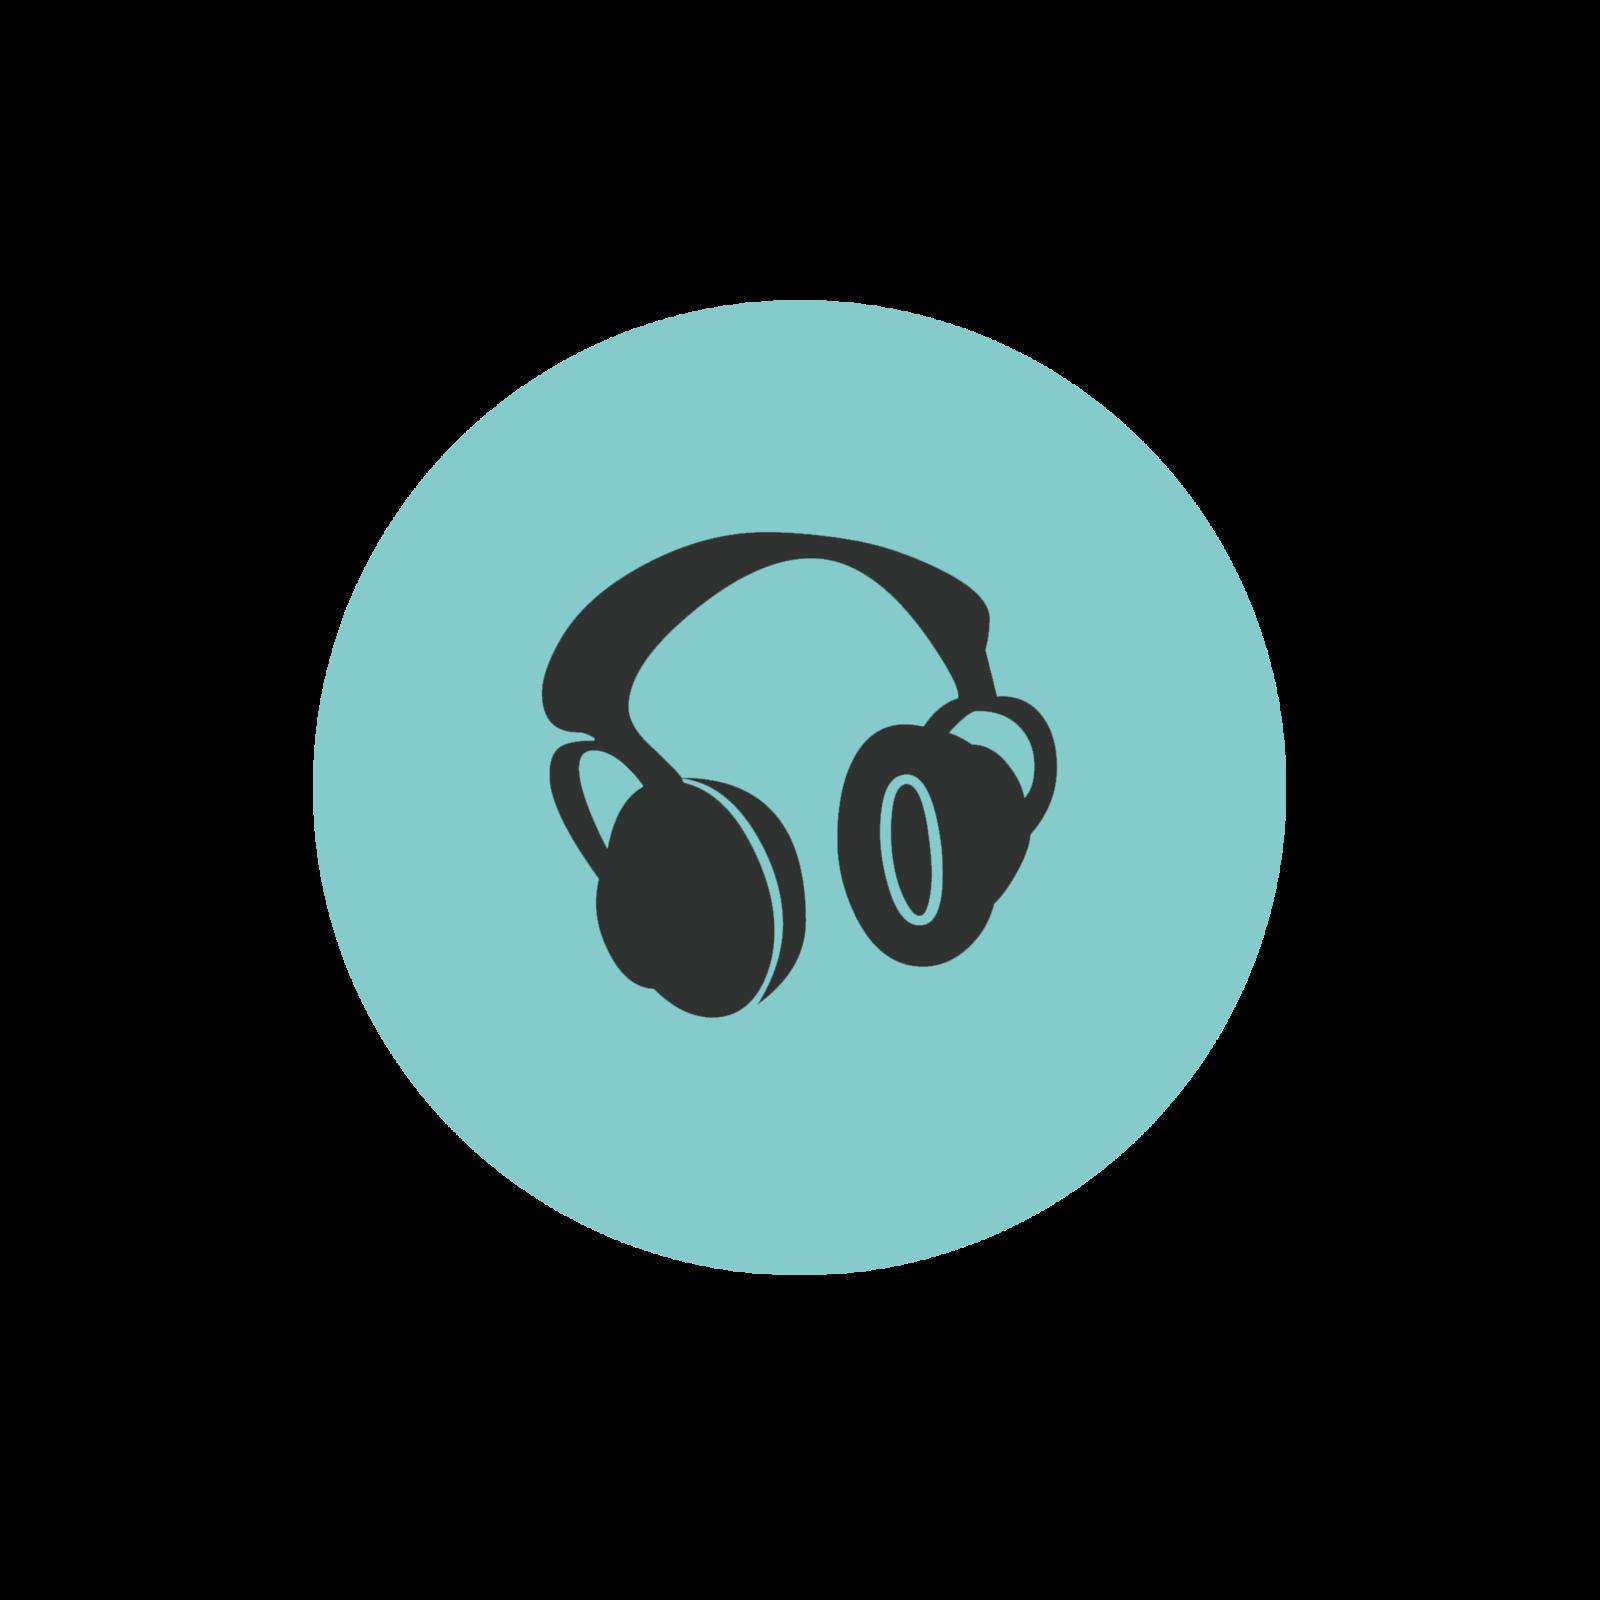 MFP, filiale de France Télévisions, produira La Fête de la Musique en 2018 (à Nice) et 2019.